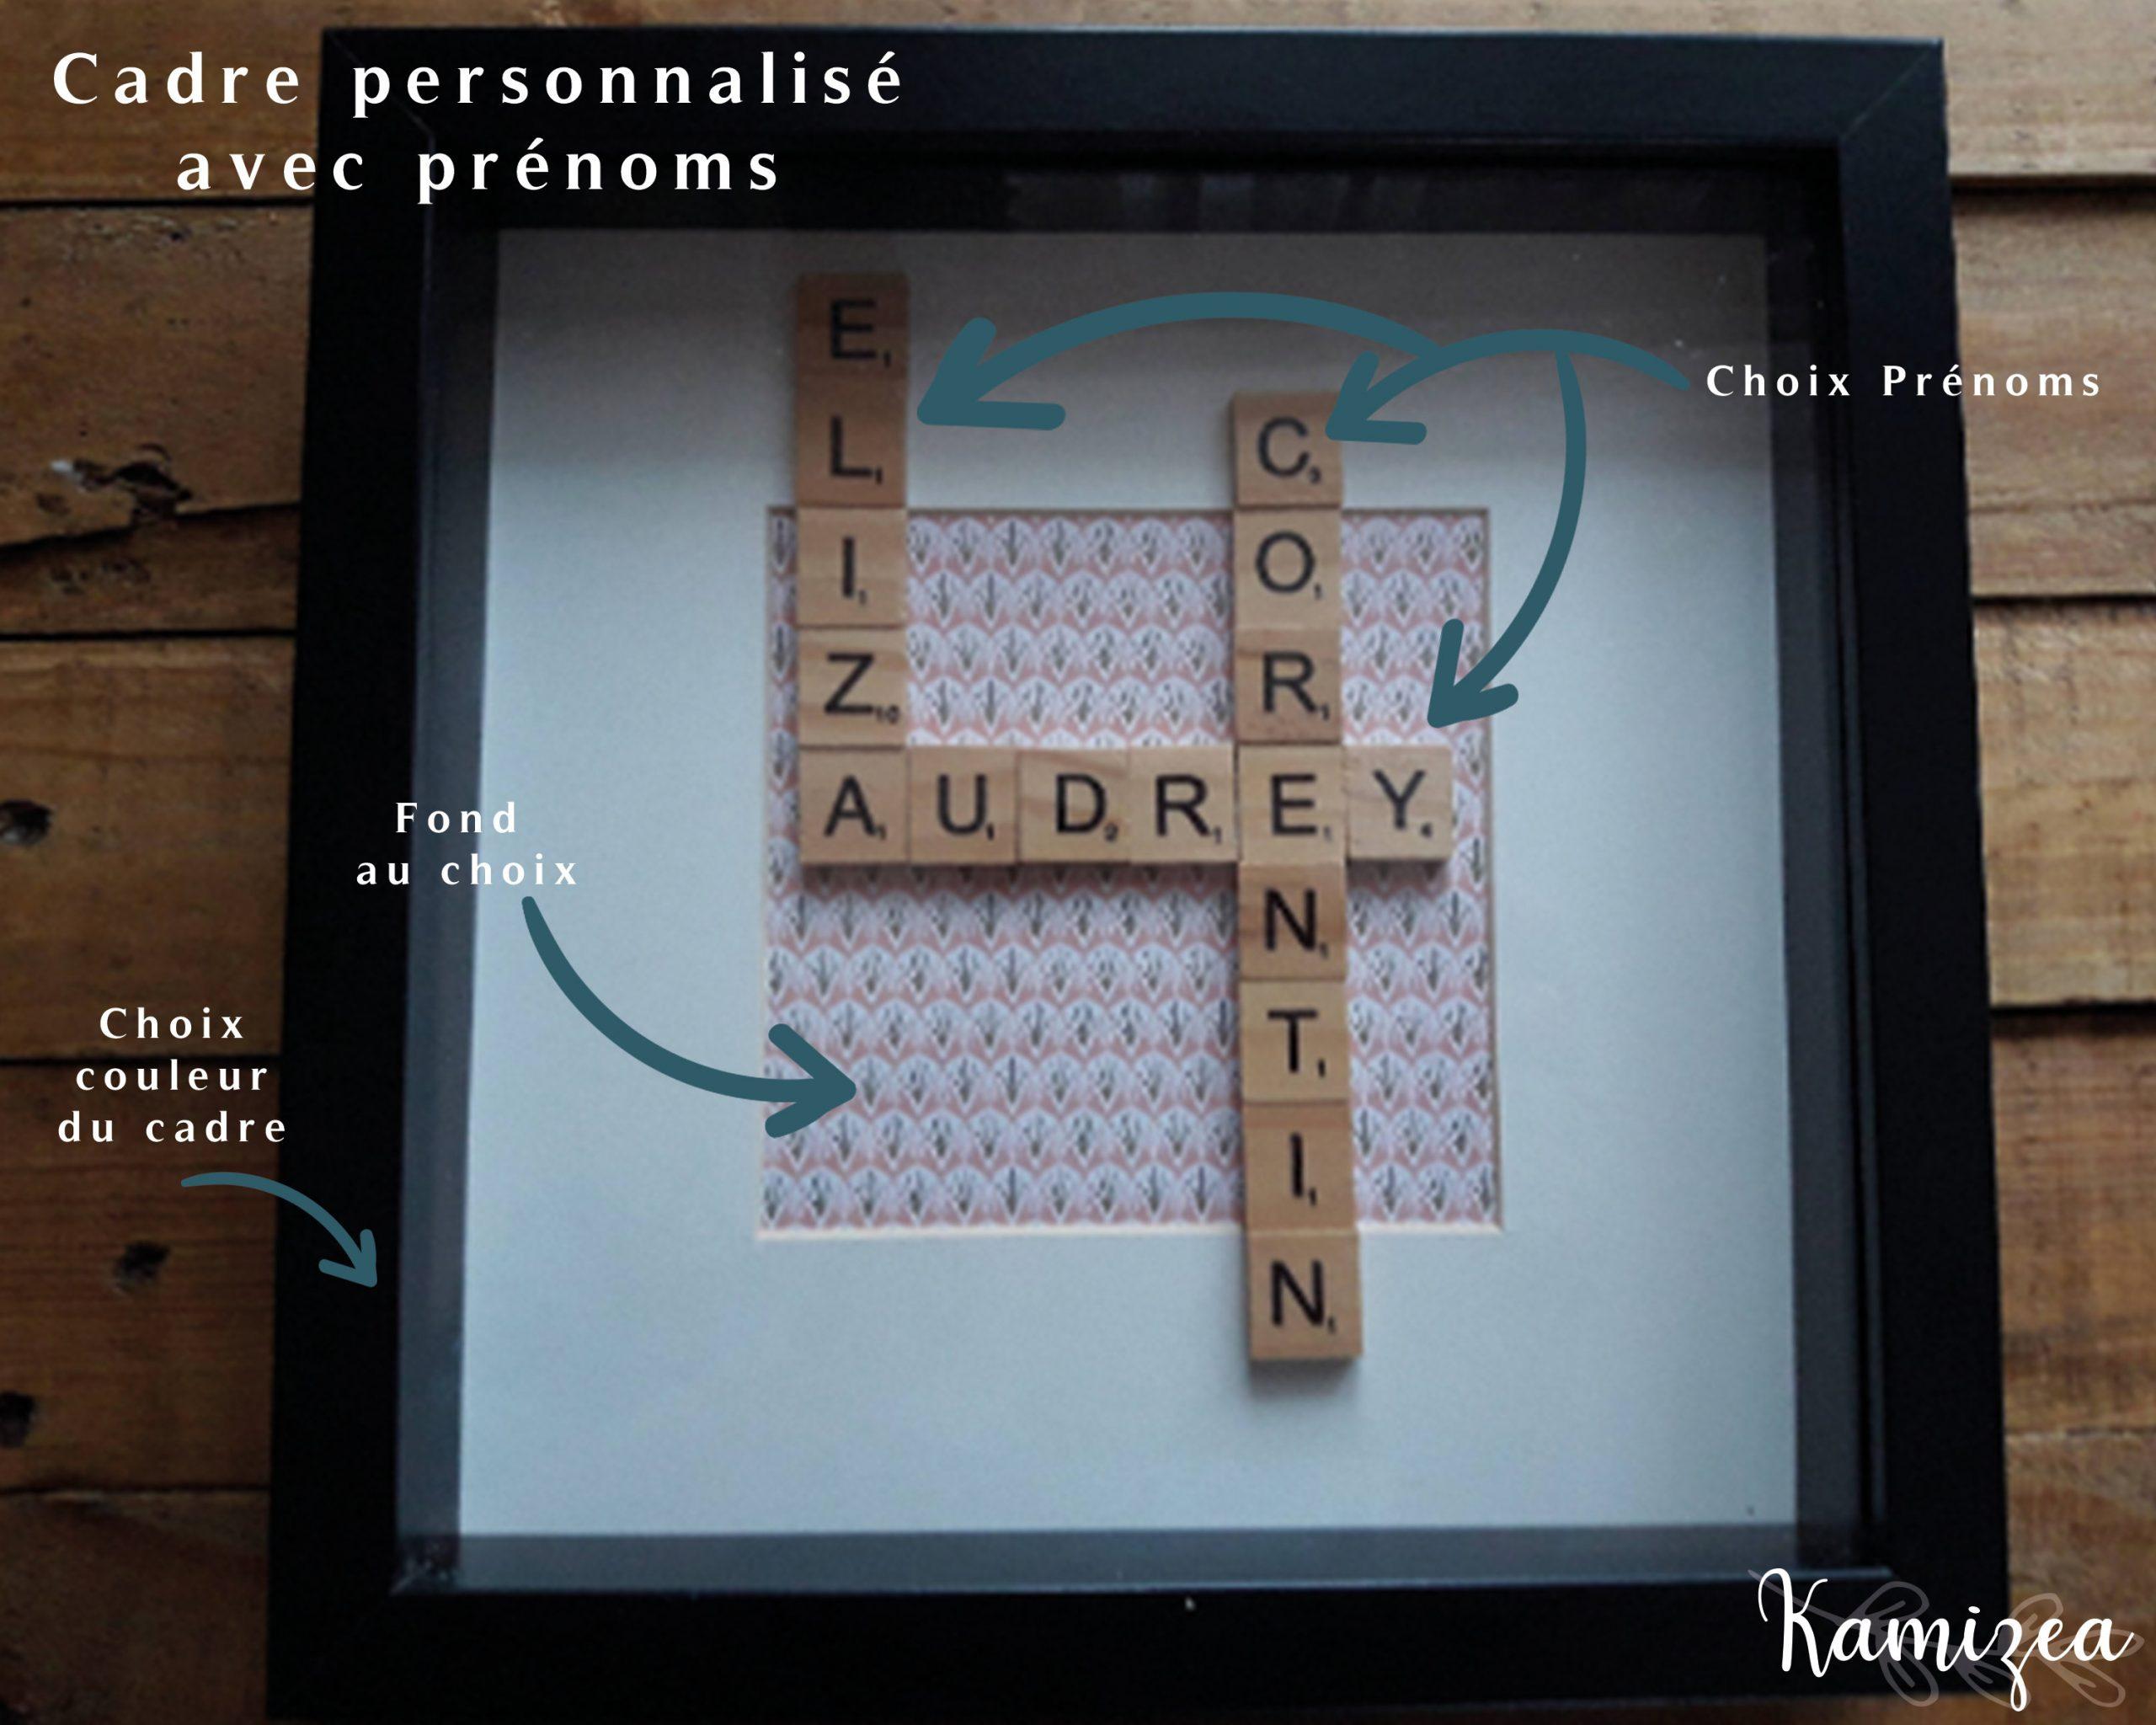 Cadre Prénoms Avec Lettres Scrabble En Bois Façon Mots Croisés  Personnalisable (Taille, Couleur, Motif) avec Mots Croisés Personnalisés